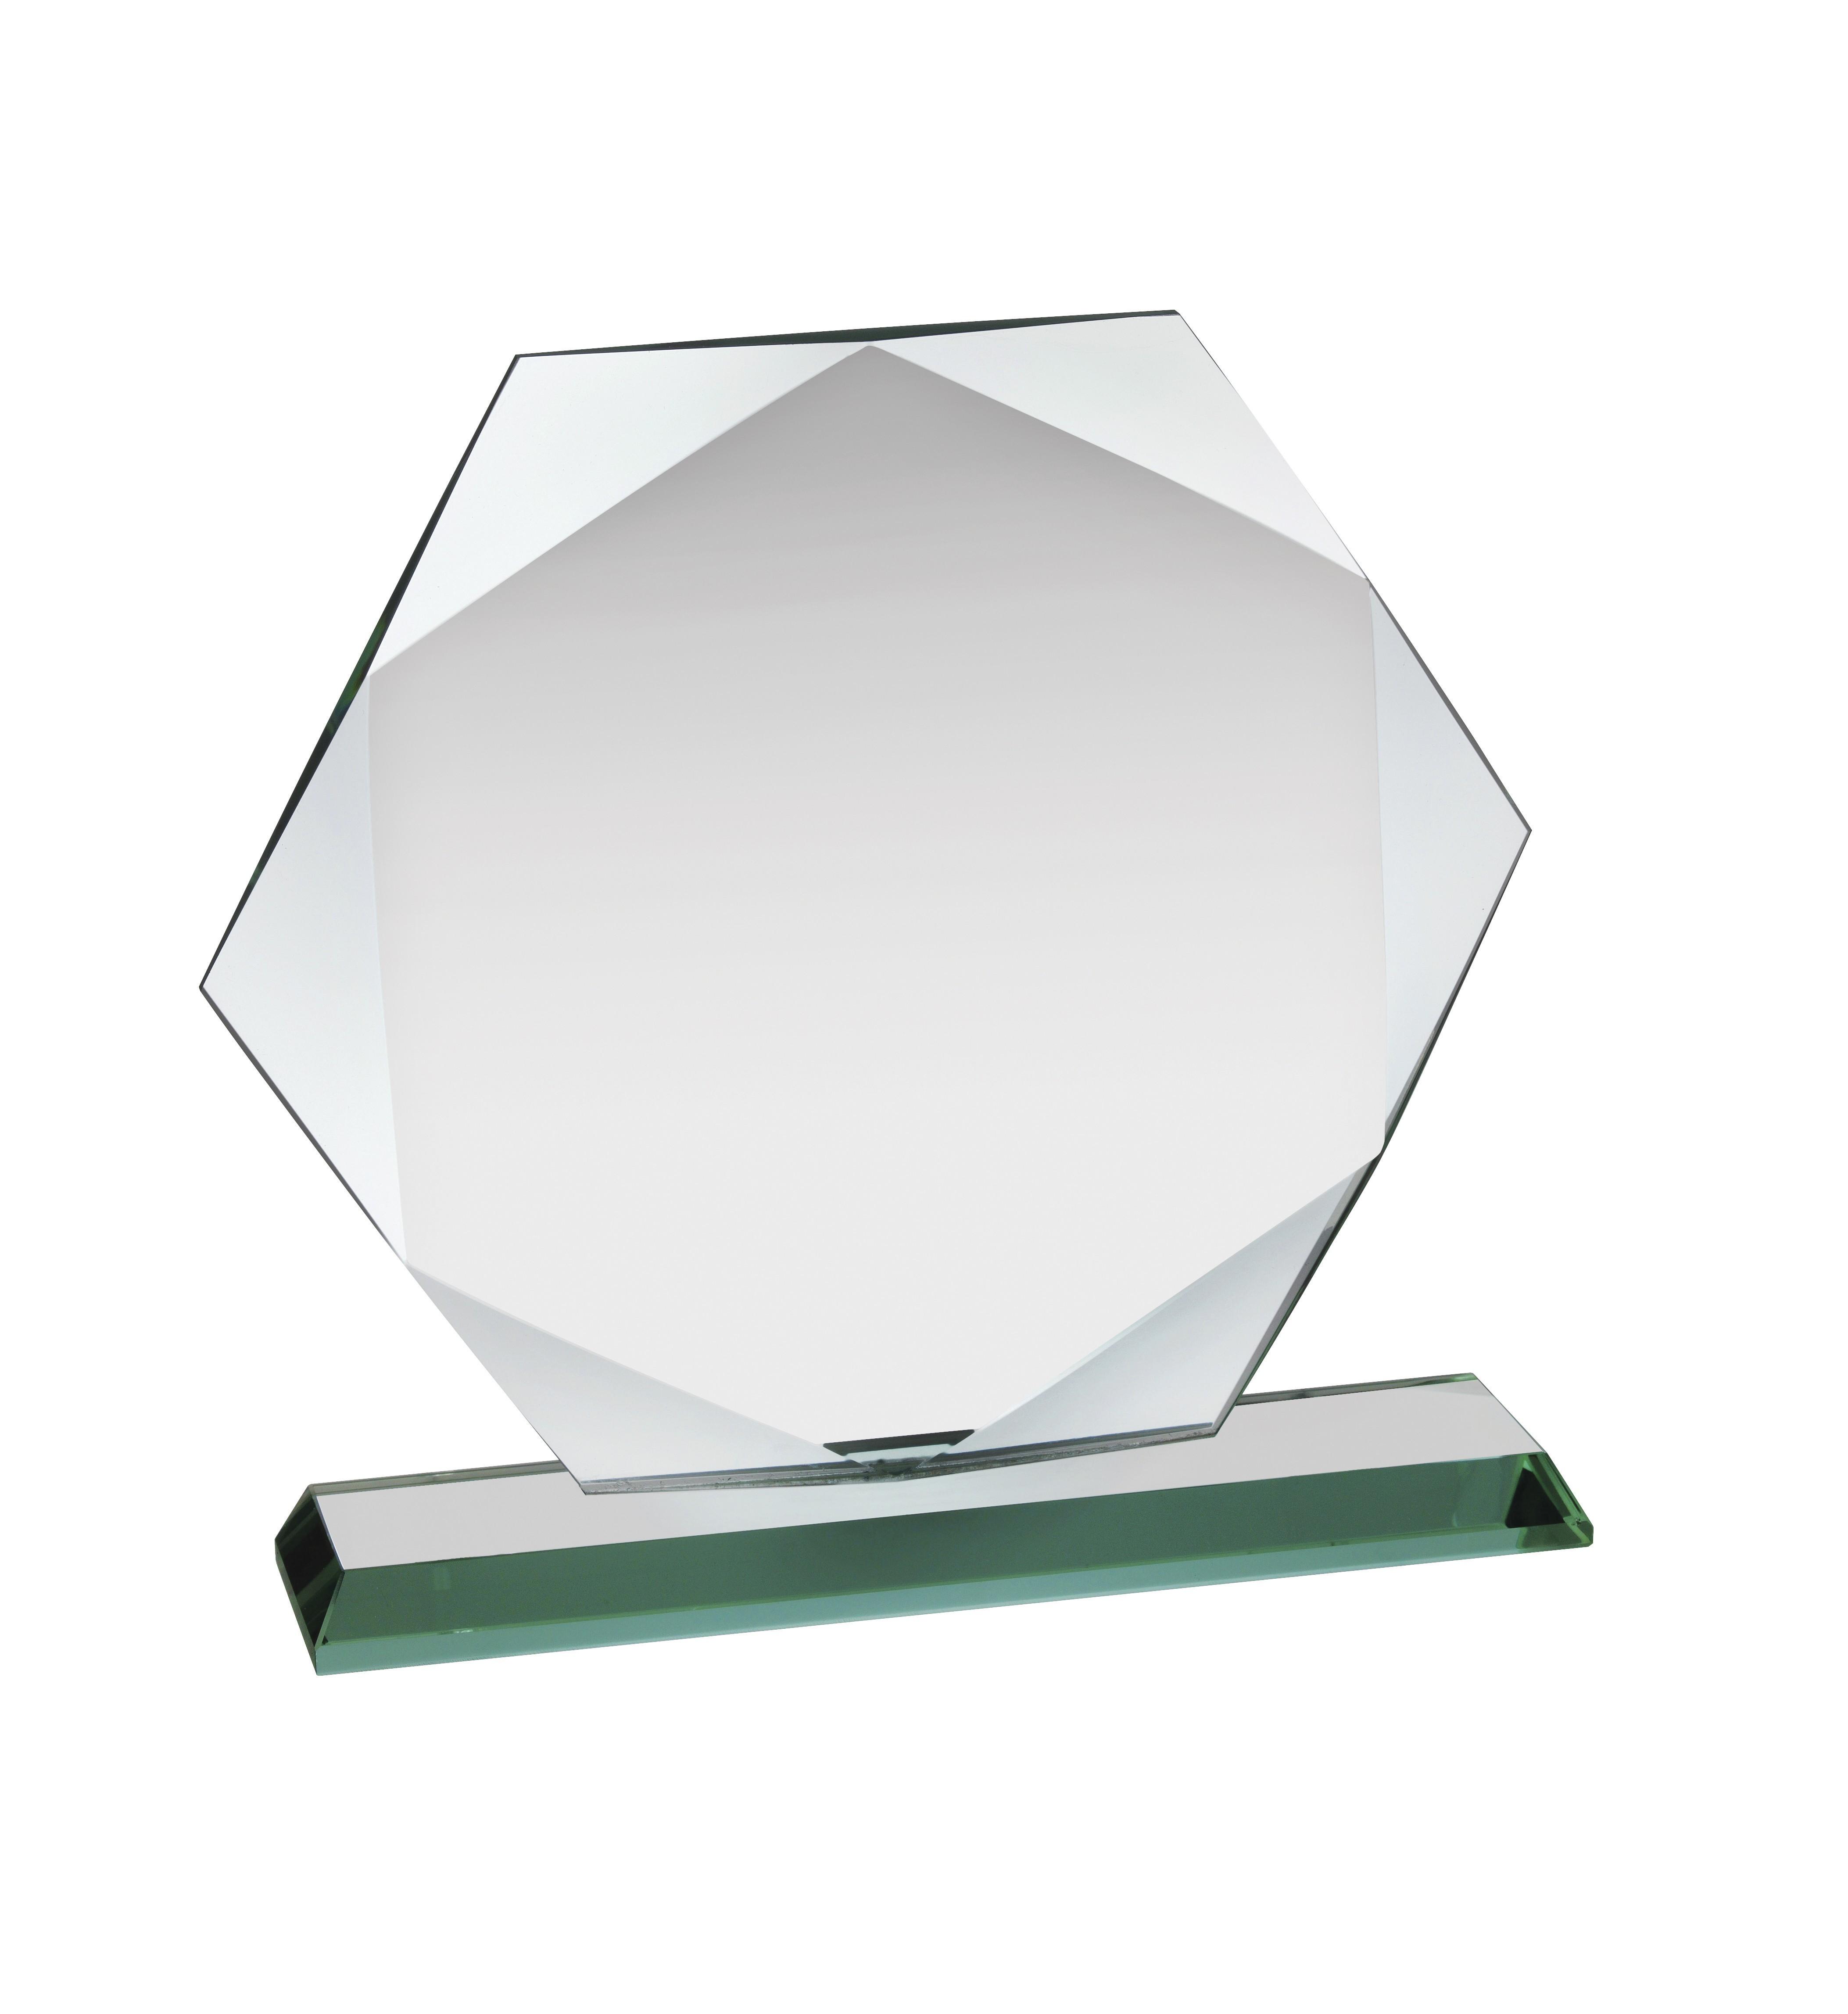 13.5cm Jade Glass Award in Box